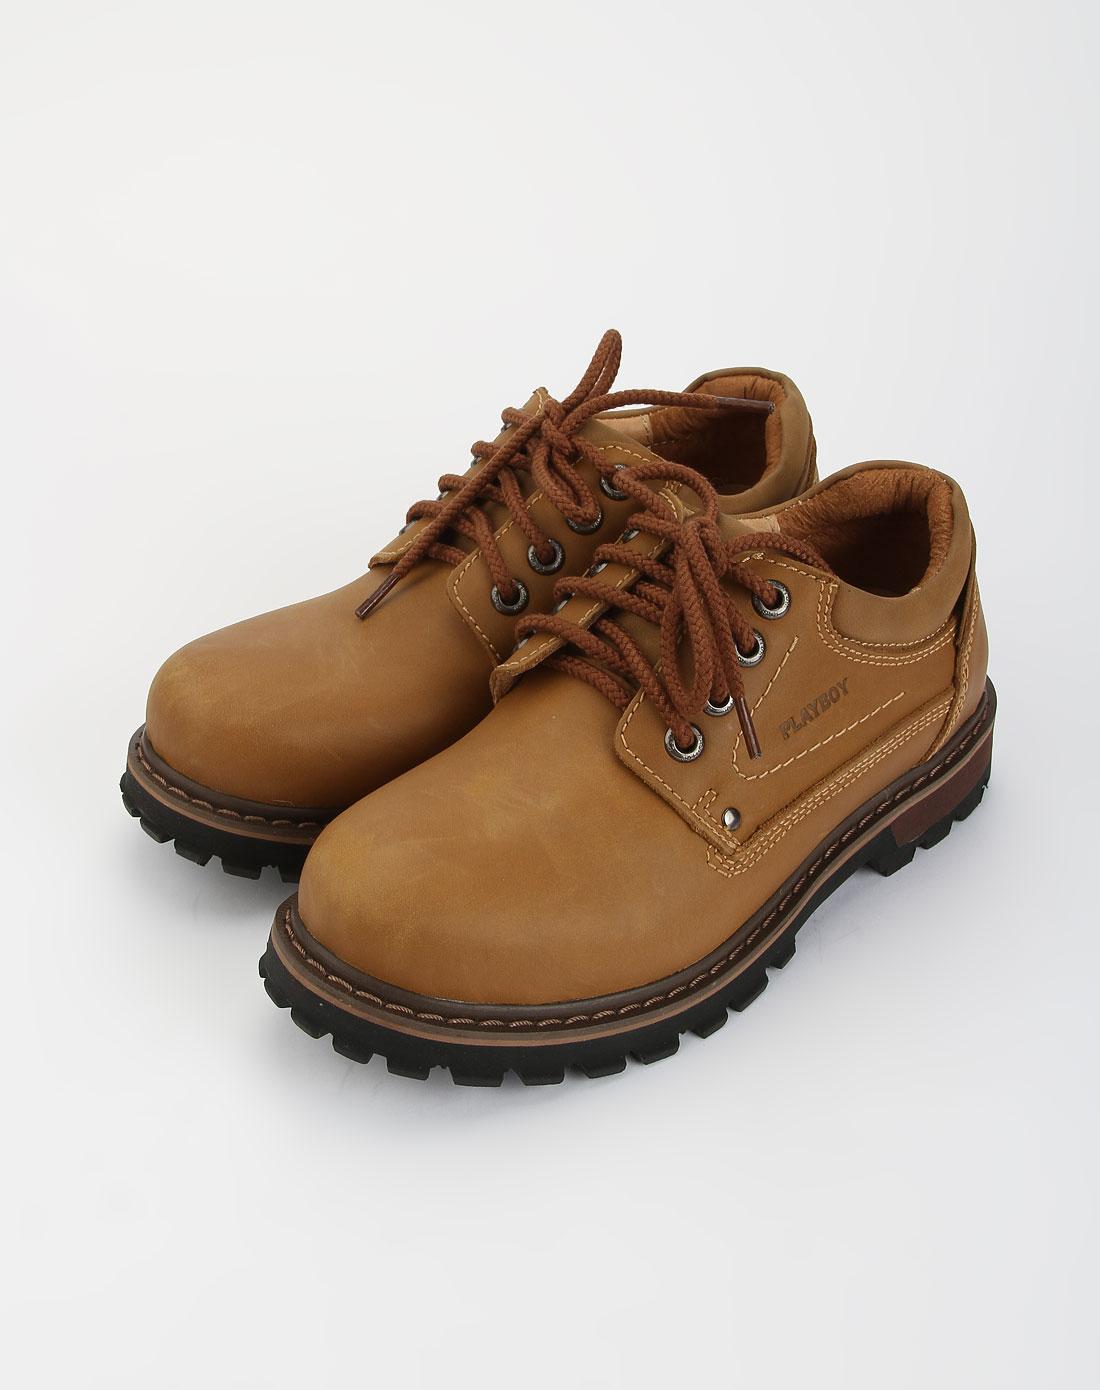 花花公子playboy浅棕色户外皮鞋848455